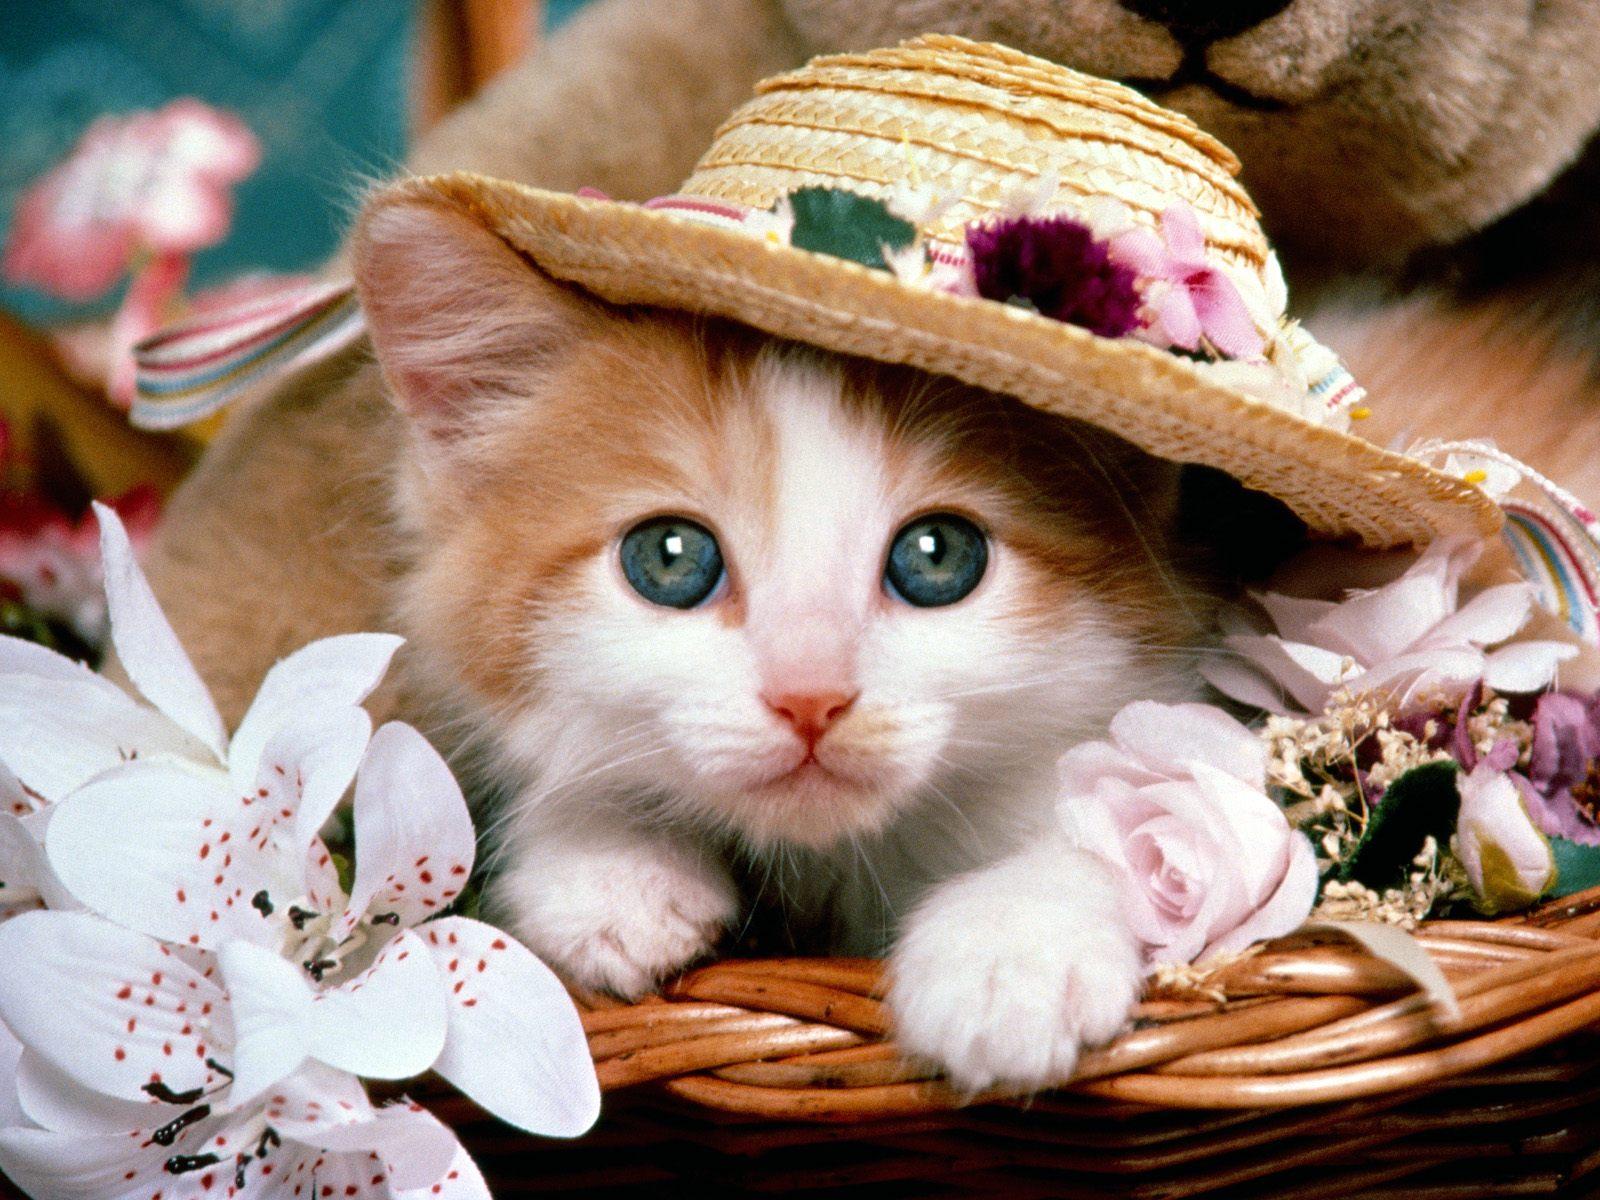 Cat Kitten Hat Flower Teddy Bear Cute Pet 1600x1200